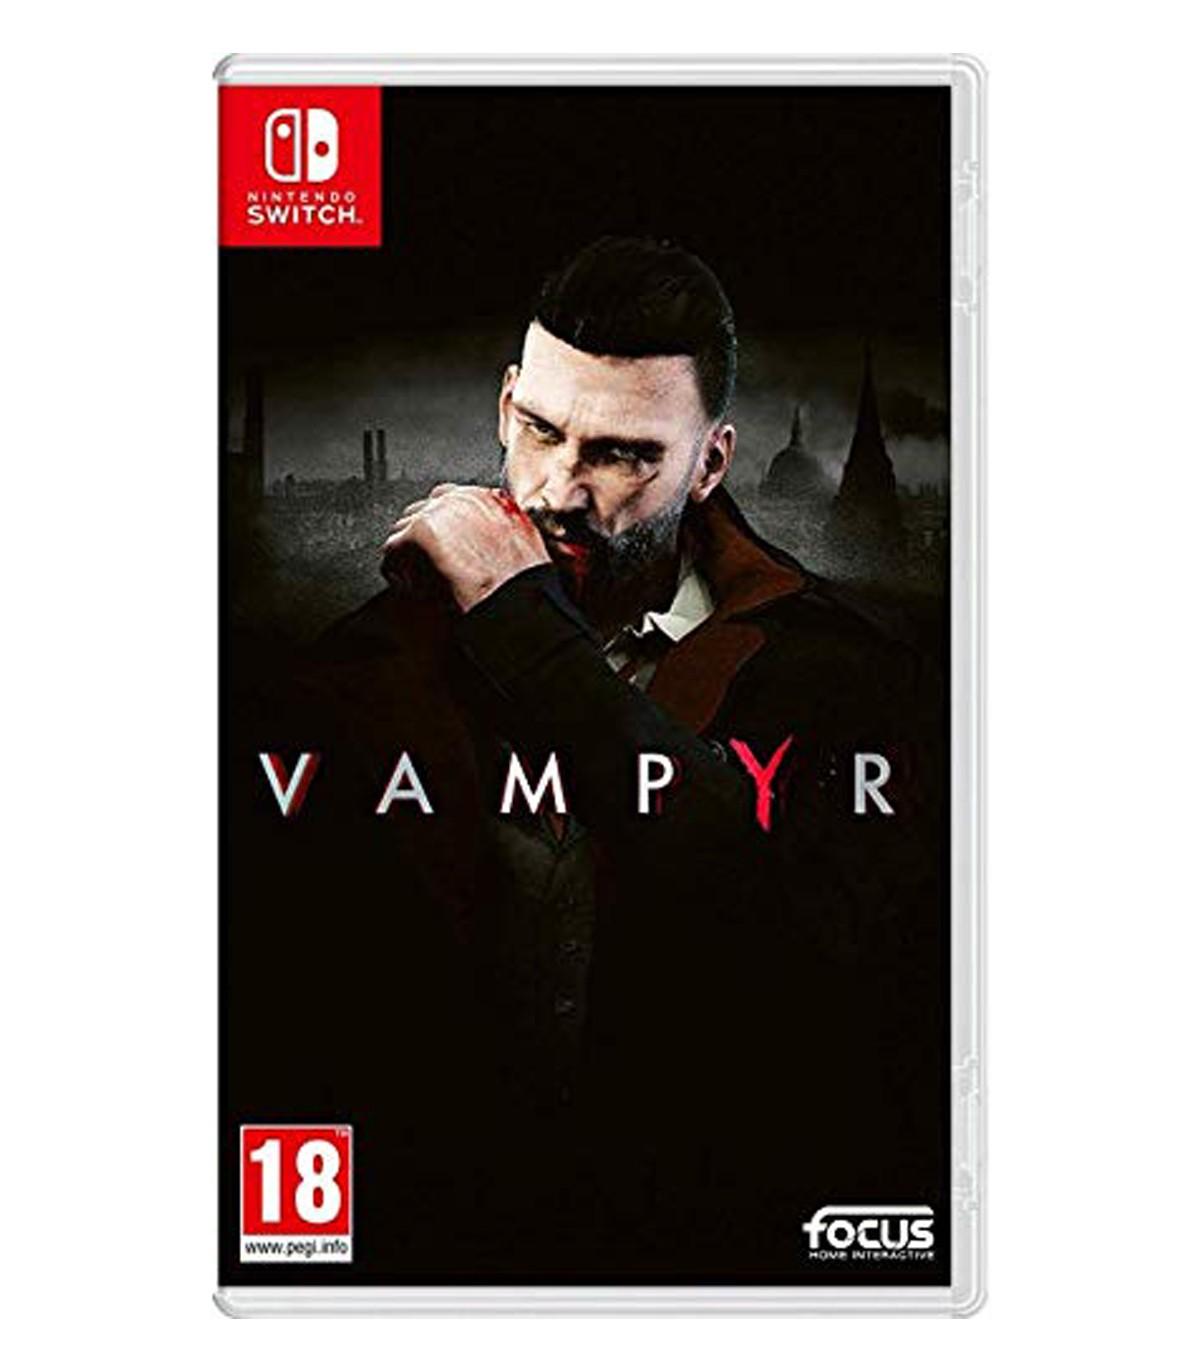 بازی Vampyr - نینتندو سوئیچ